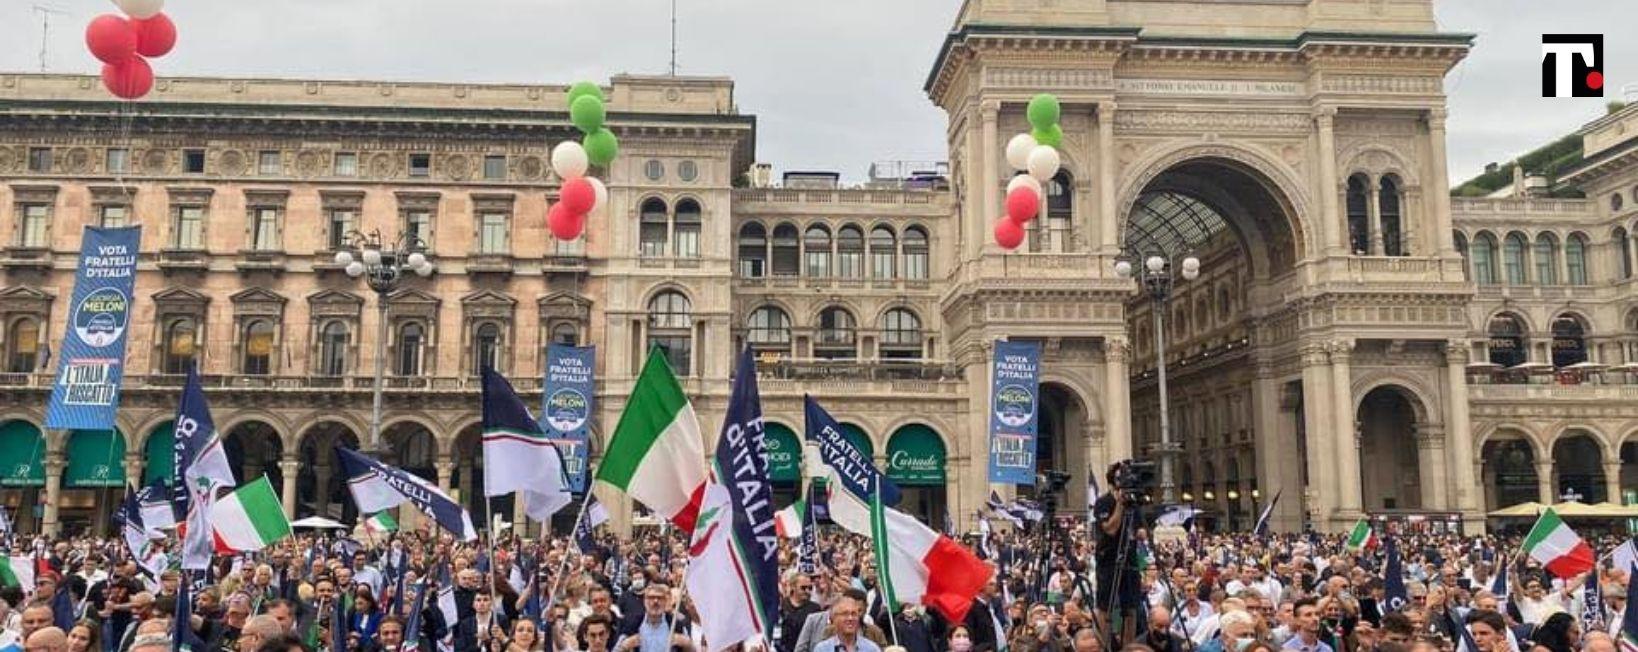 finanziamenti in nero fratelli d'italia